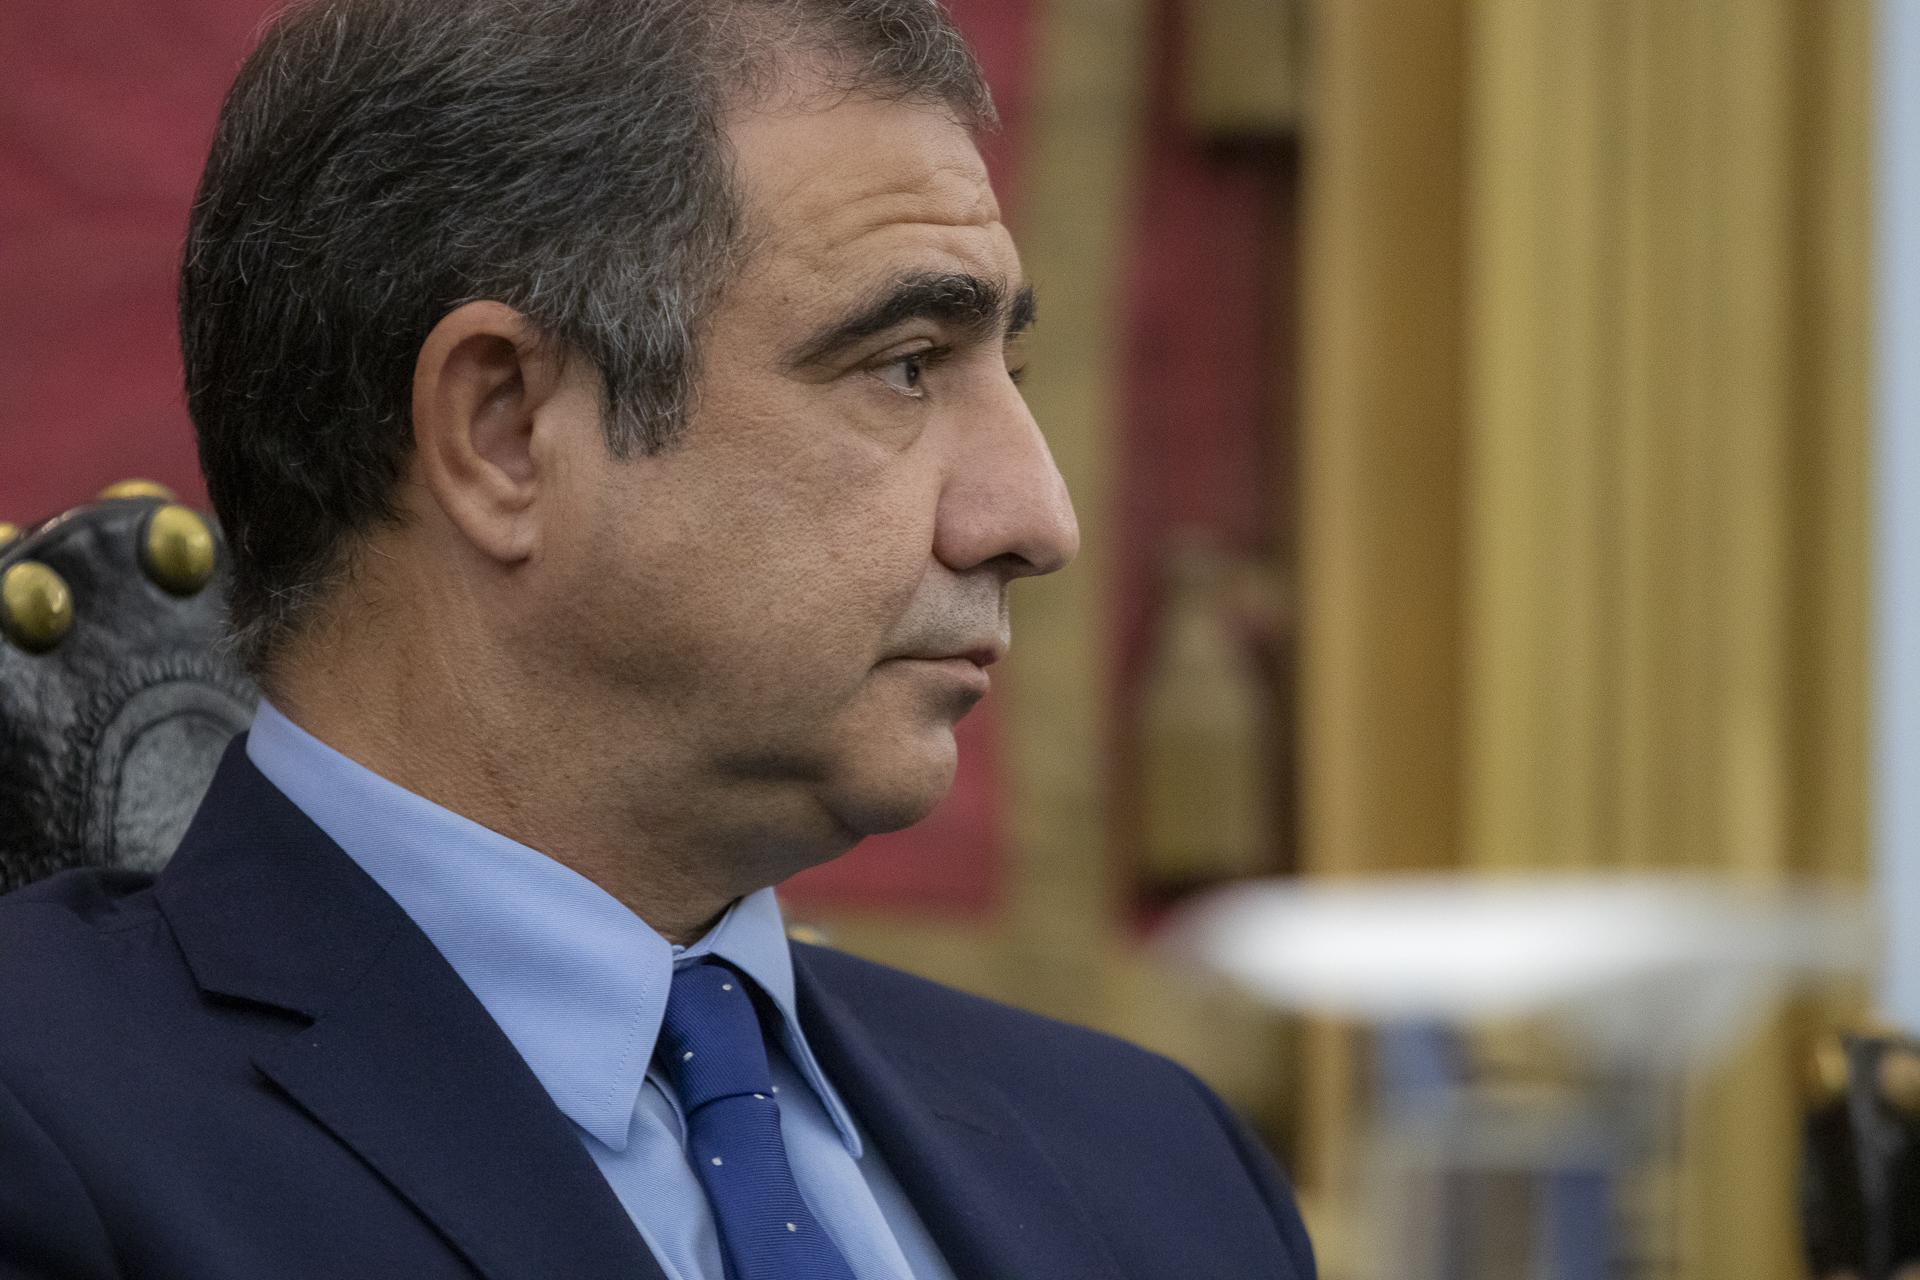 Partidos nos Açores reticentes com primeiras ideias do novo líder do PSD da região